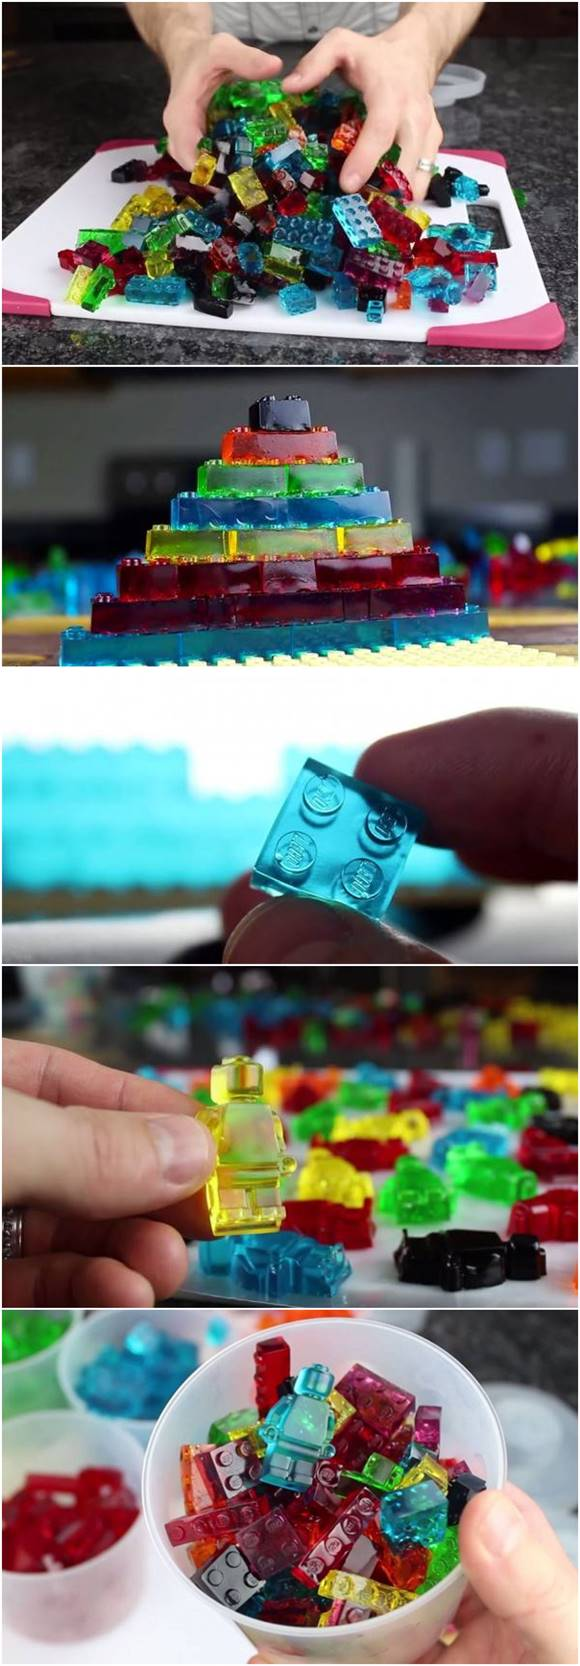 Creative Ideas - DIY Amazing Lego Gummy Candy